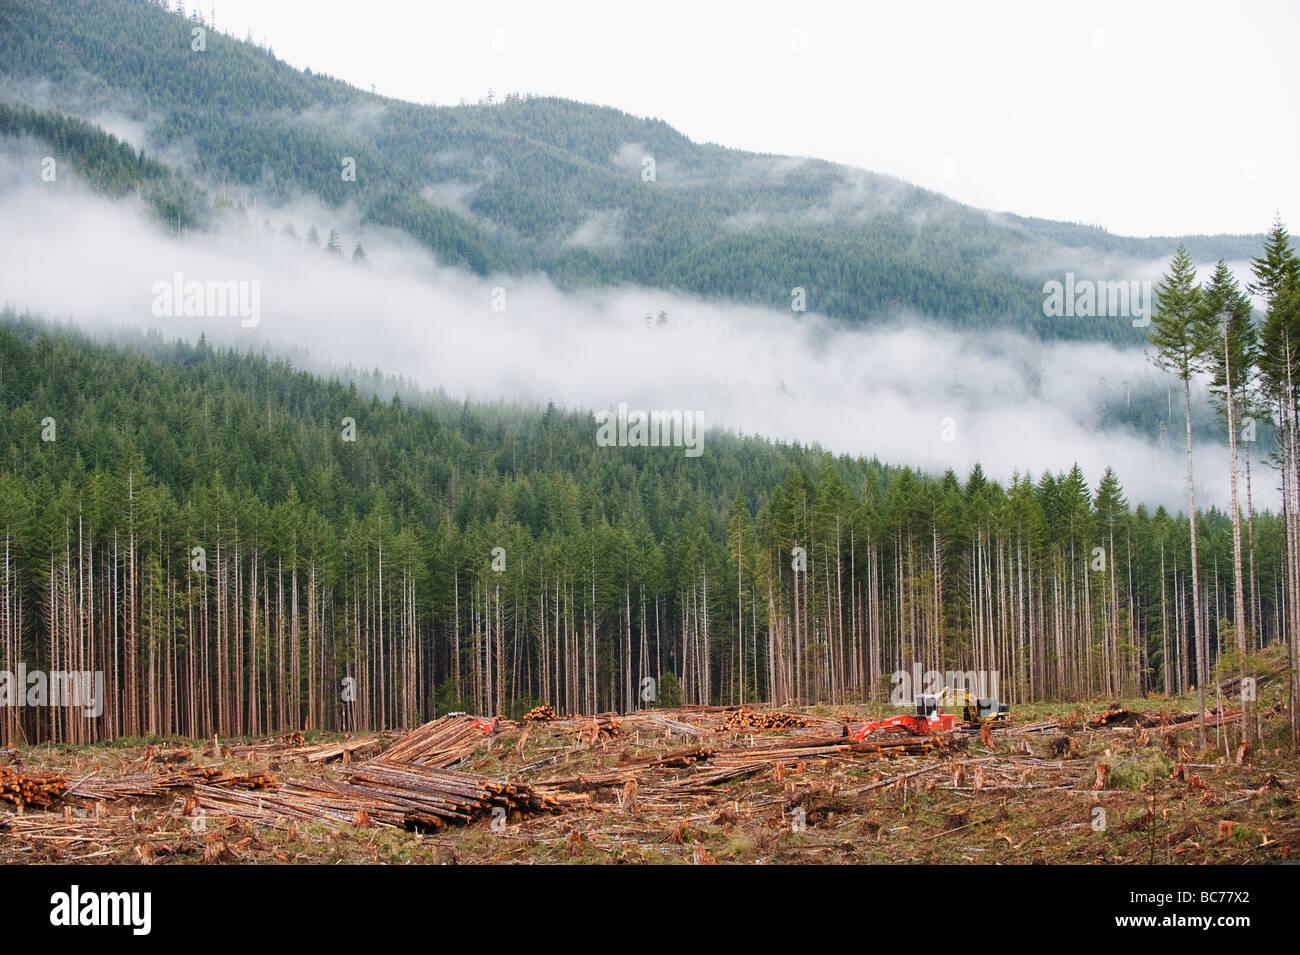 La deforestazione in Carmanah Walbran Parco Provinciale Vancouver Island British Columbia Canada Immagini Stock